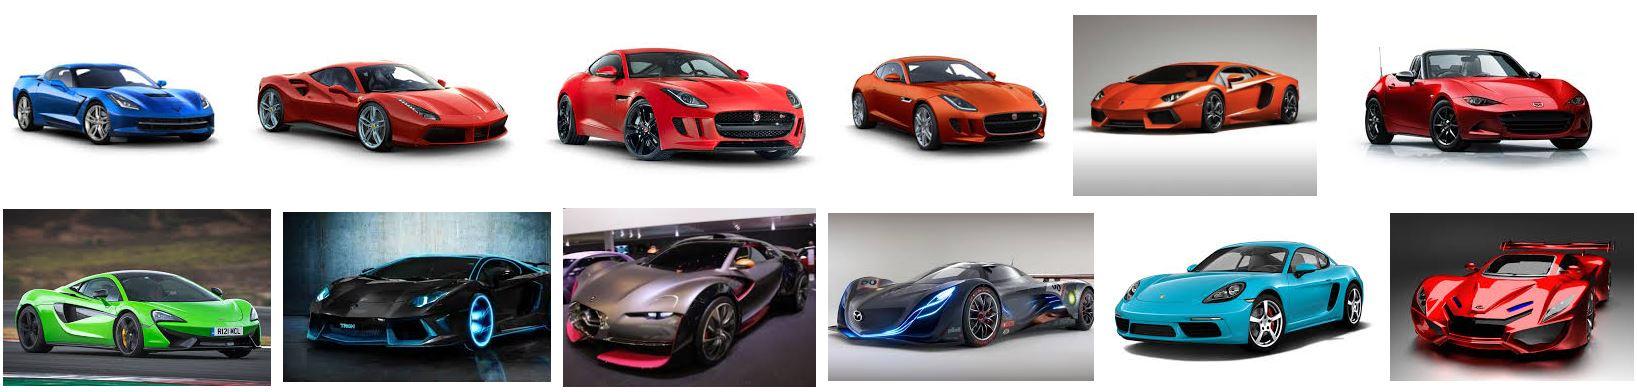 Melbourne Sports Car Rentals